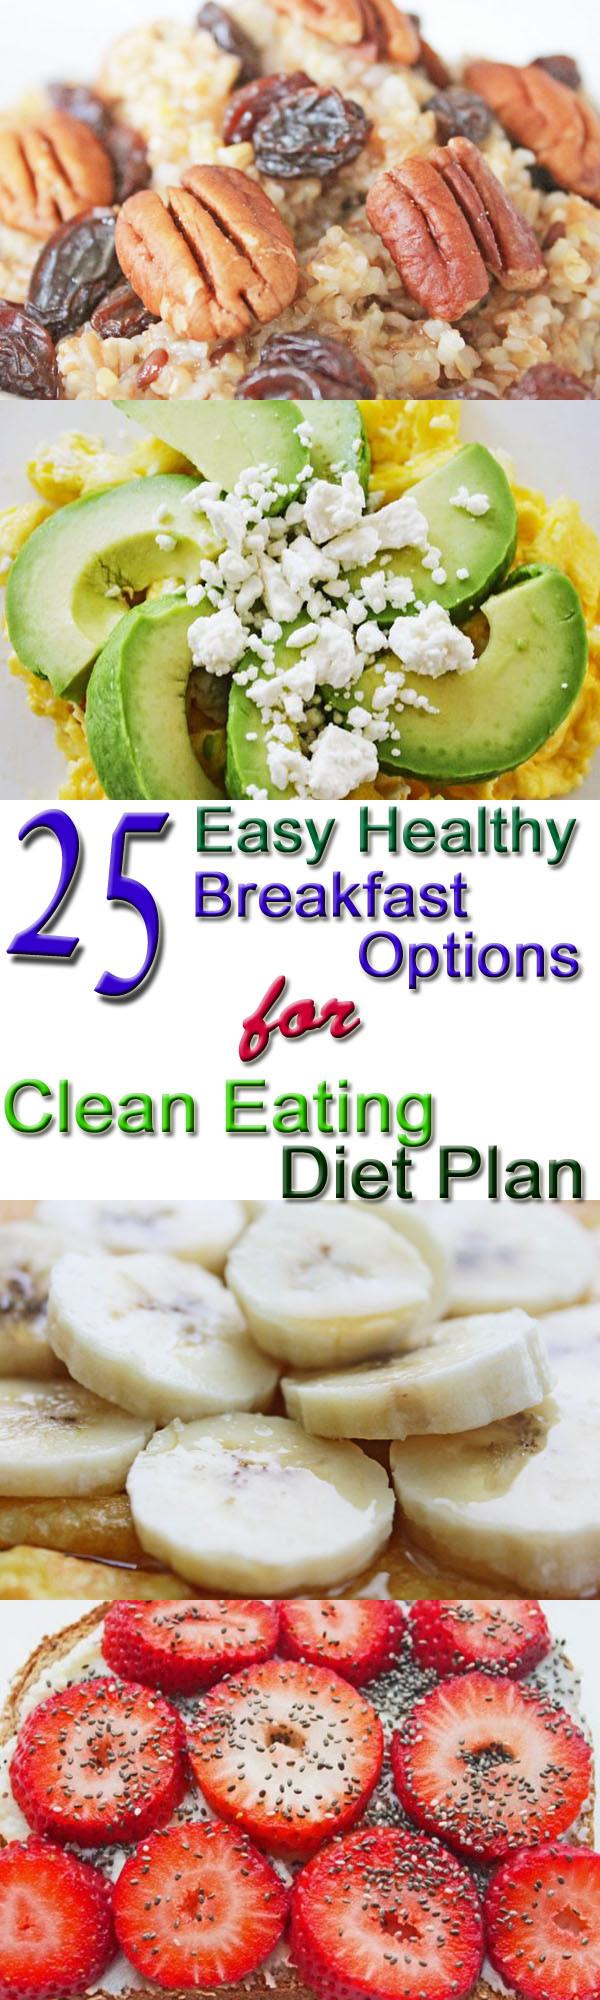 Easy Healthy Breakfast Ideas  25 Healthy Breakfast Options